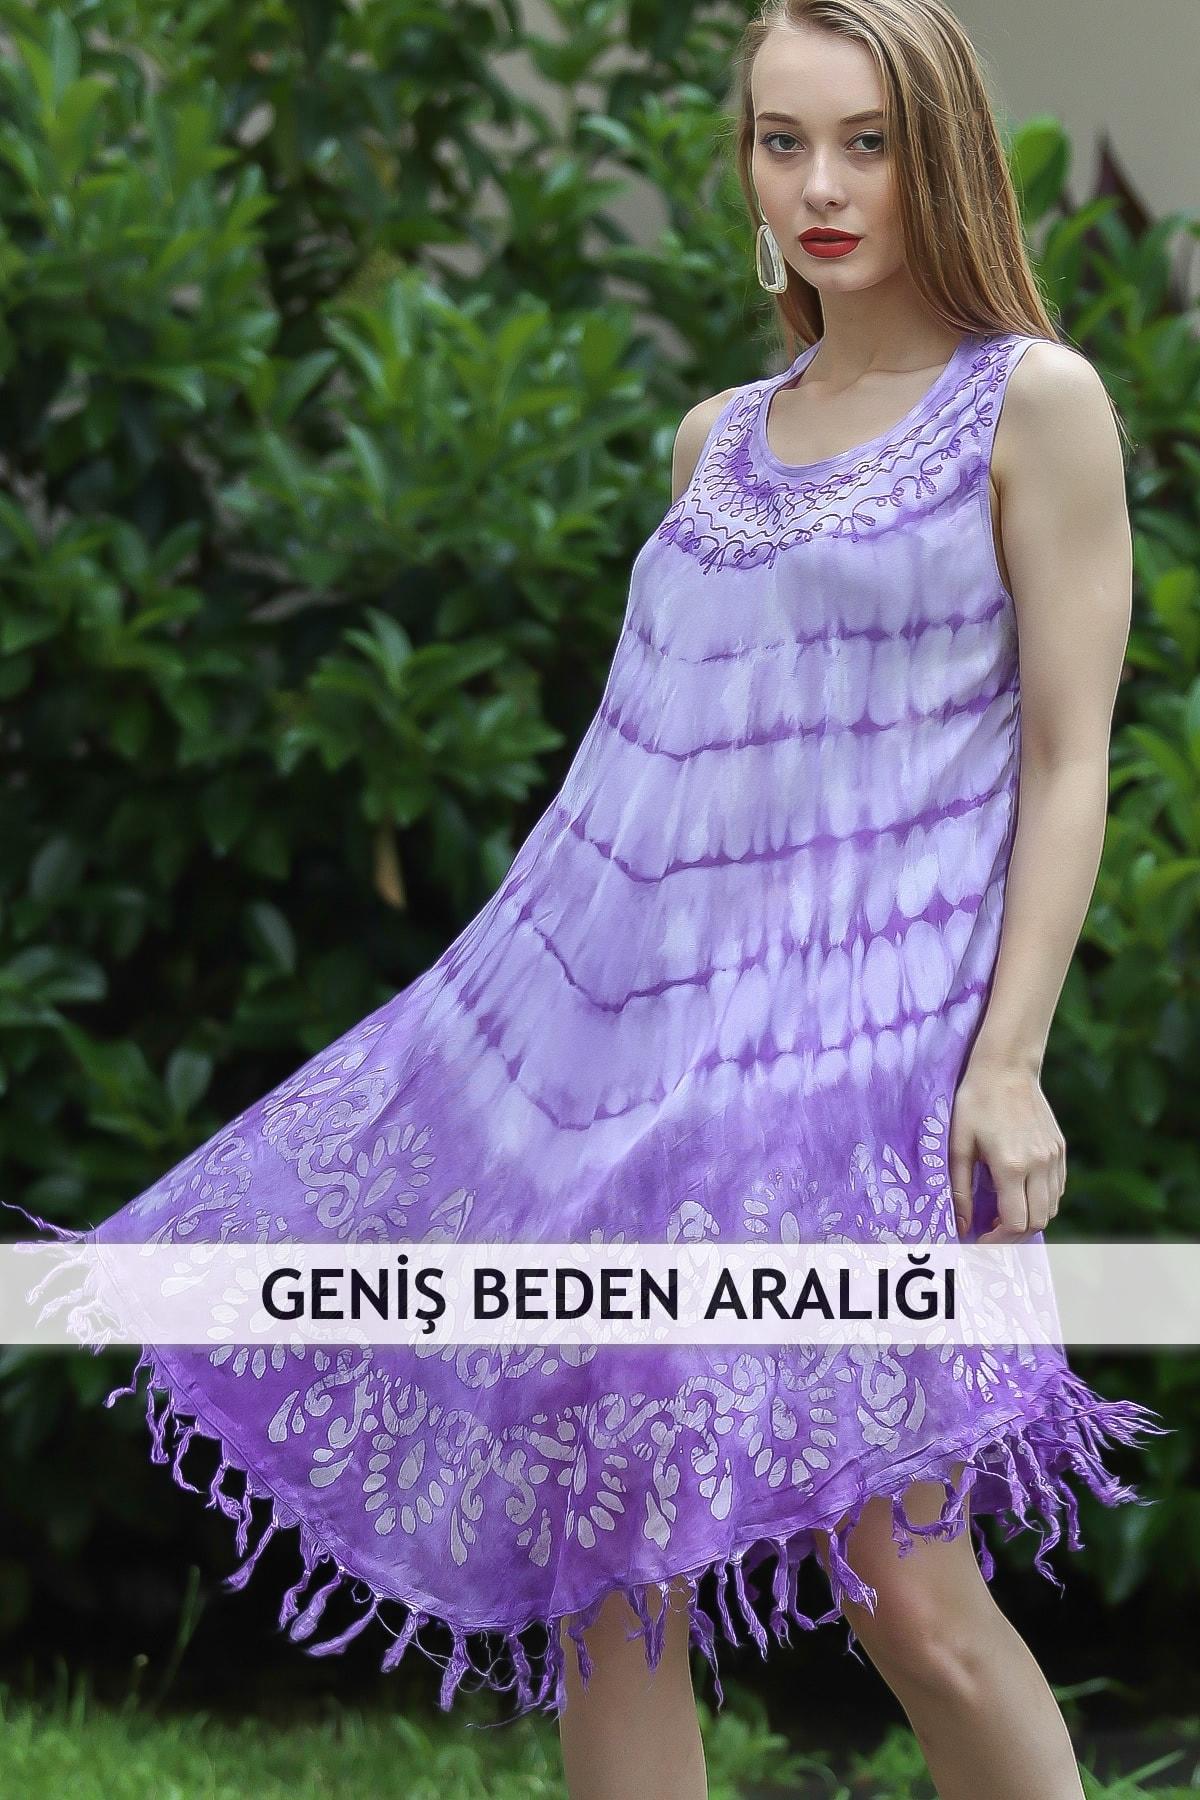 Chiccy Kadın Lila Bohem Batik Desenli Saçaklı Asimetrik Elbise M10160000EL96661